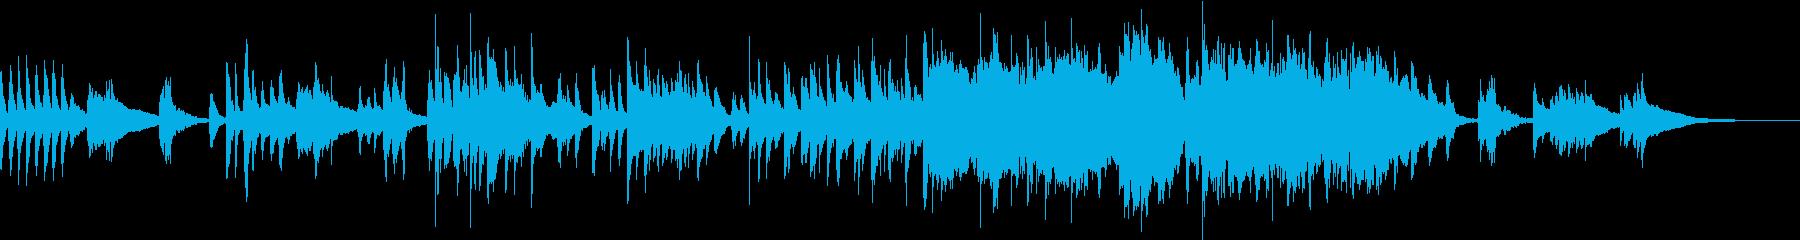 琴を用いた桜の和風のインストの再生済みの波形